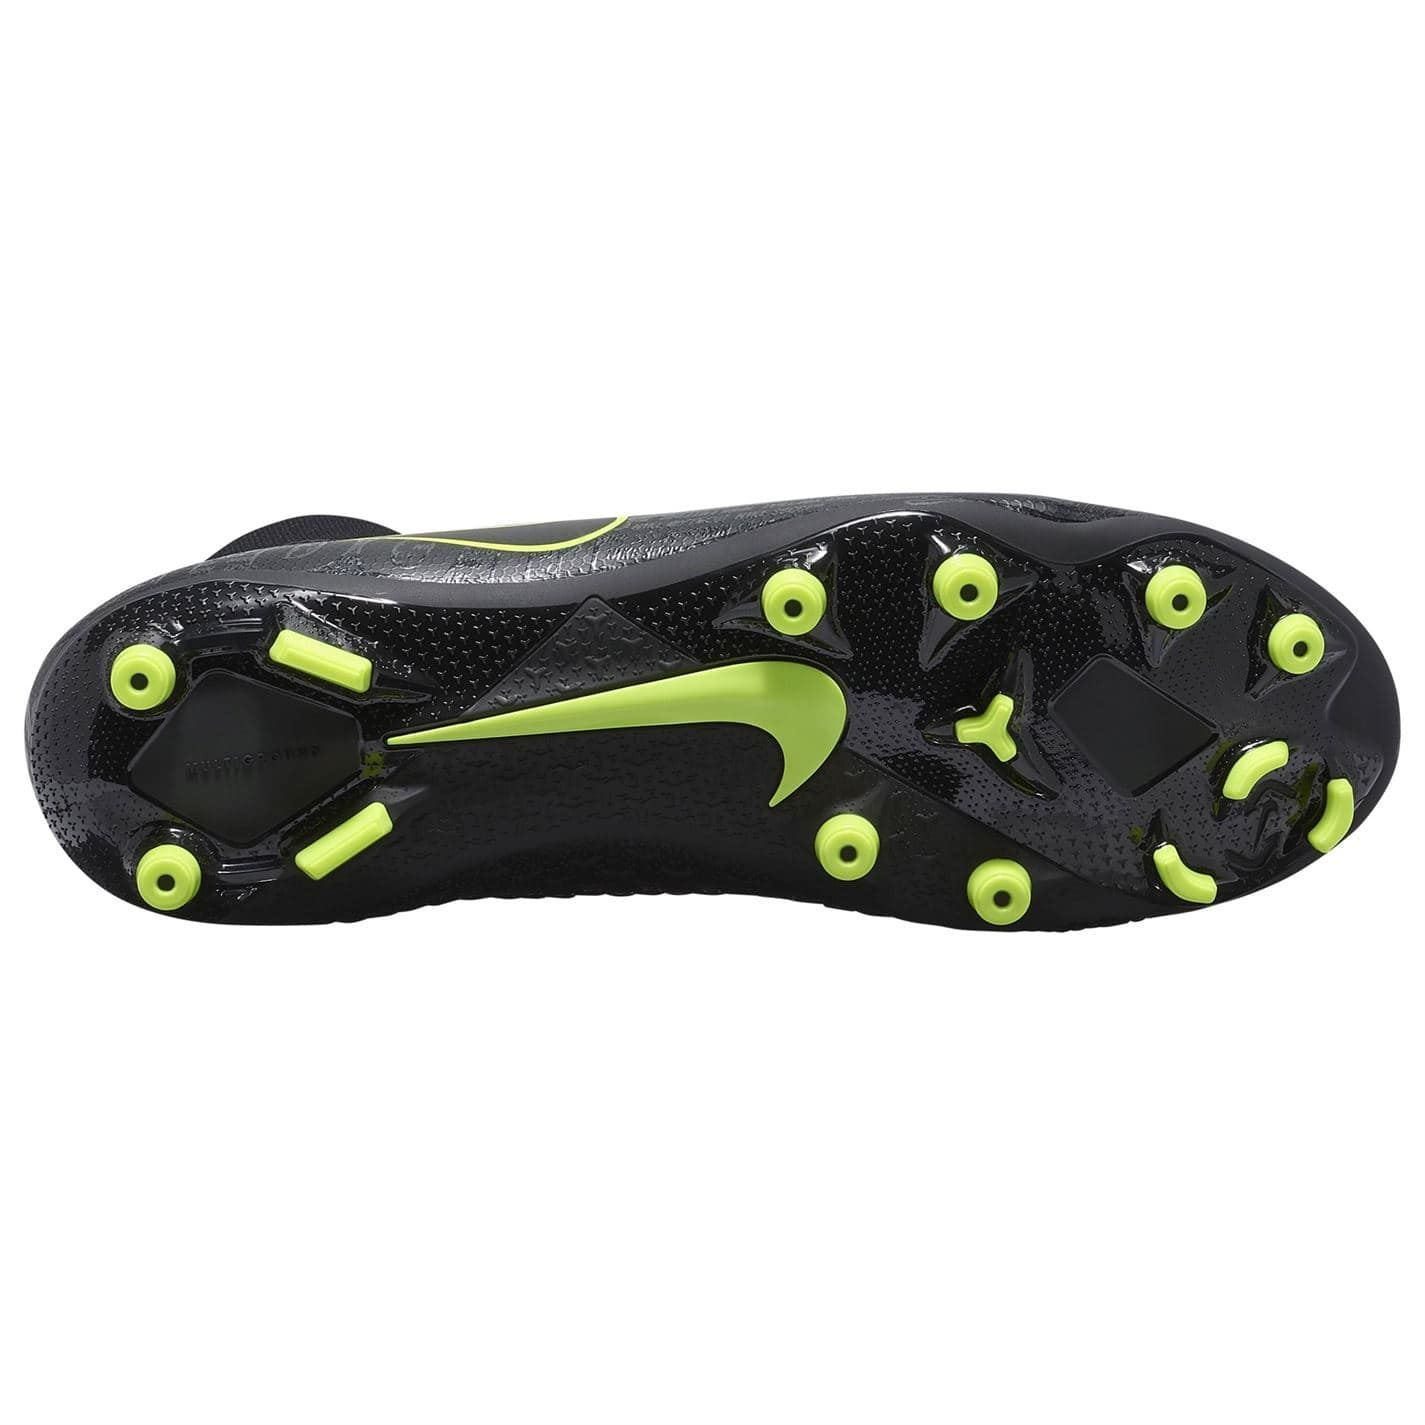 Dettagli su Nike Phantom Visione Accademia Df Fg Scarpe da Calcio Uomo NeroGiallo